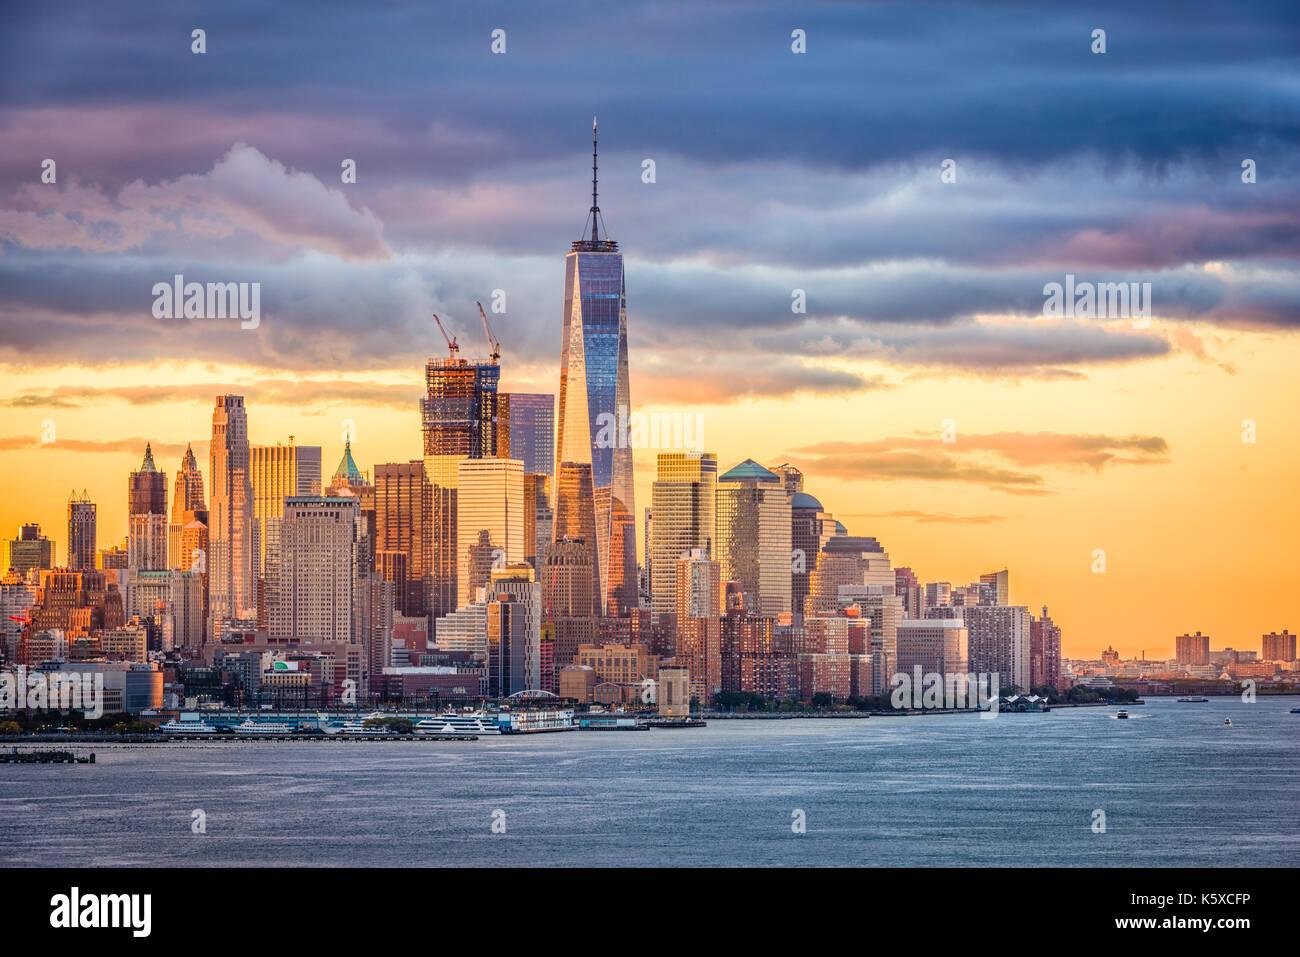 New York City financial district sul fiume Hudson all'alba. Immagini Stock